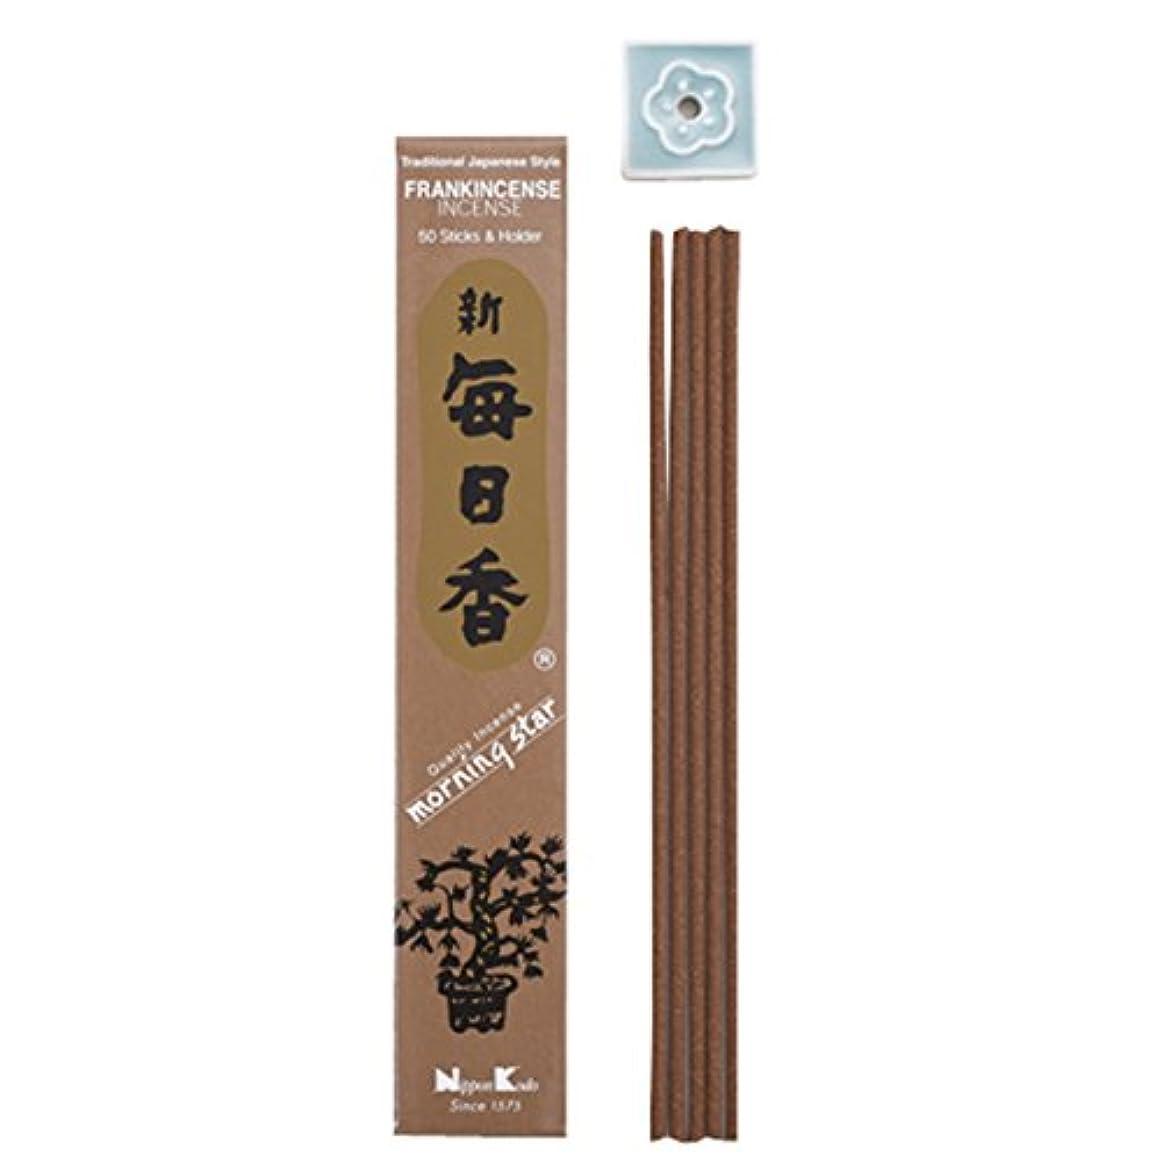 挨拶損傷苦味Morning Star Japanese Incense Sticks Frankincense 50 Sticks &ホルダー'